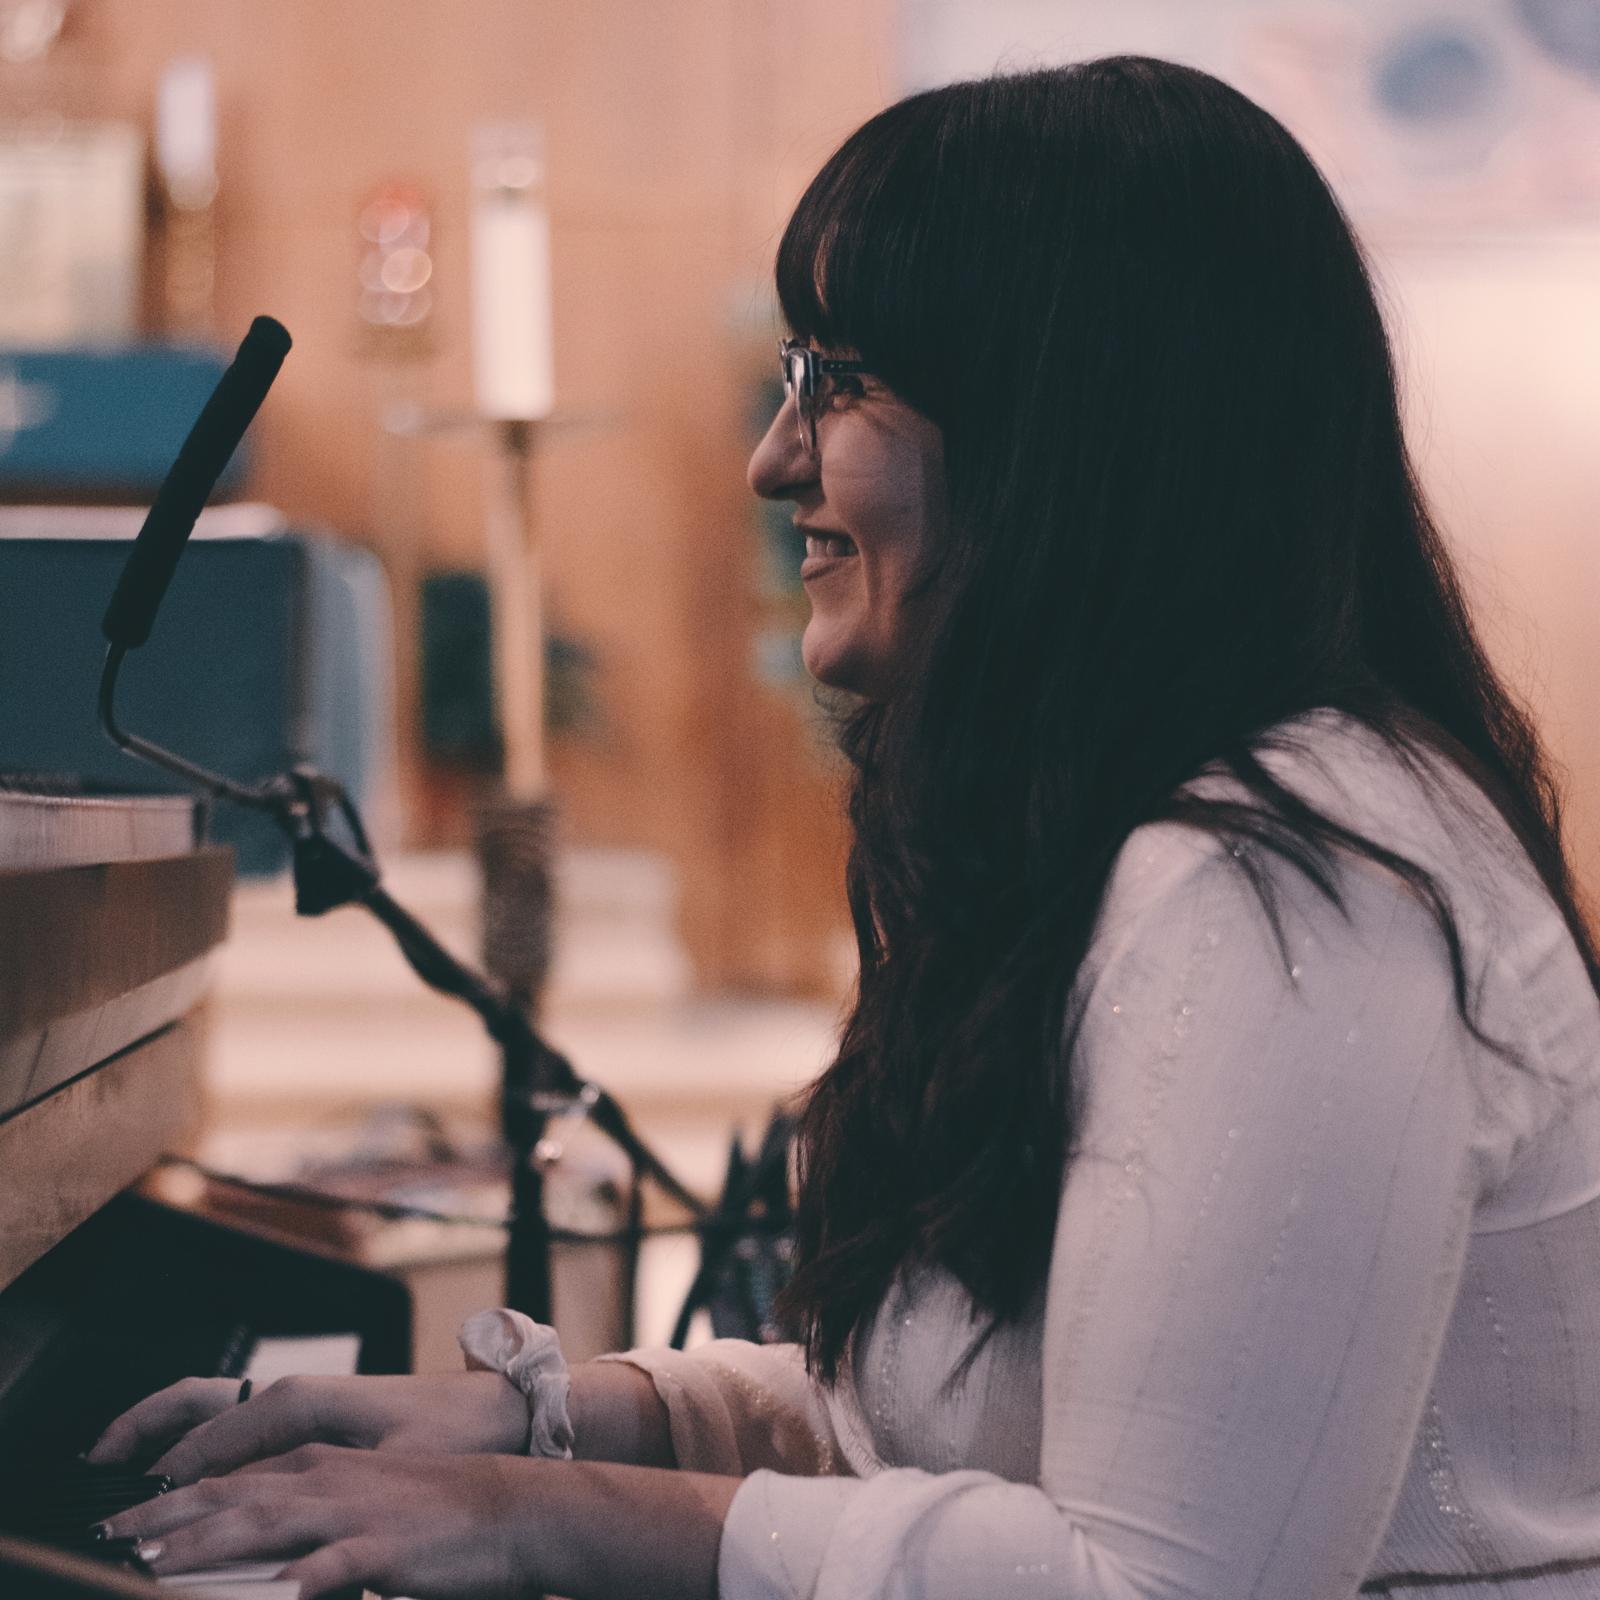 Anna Petrillo